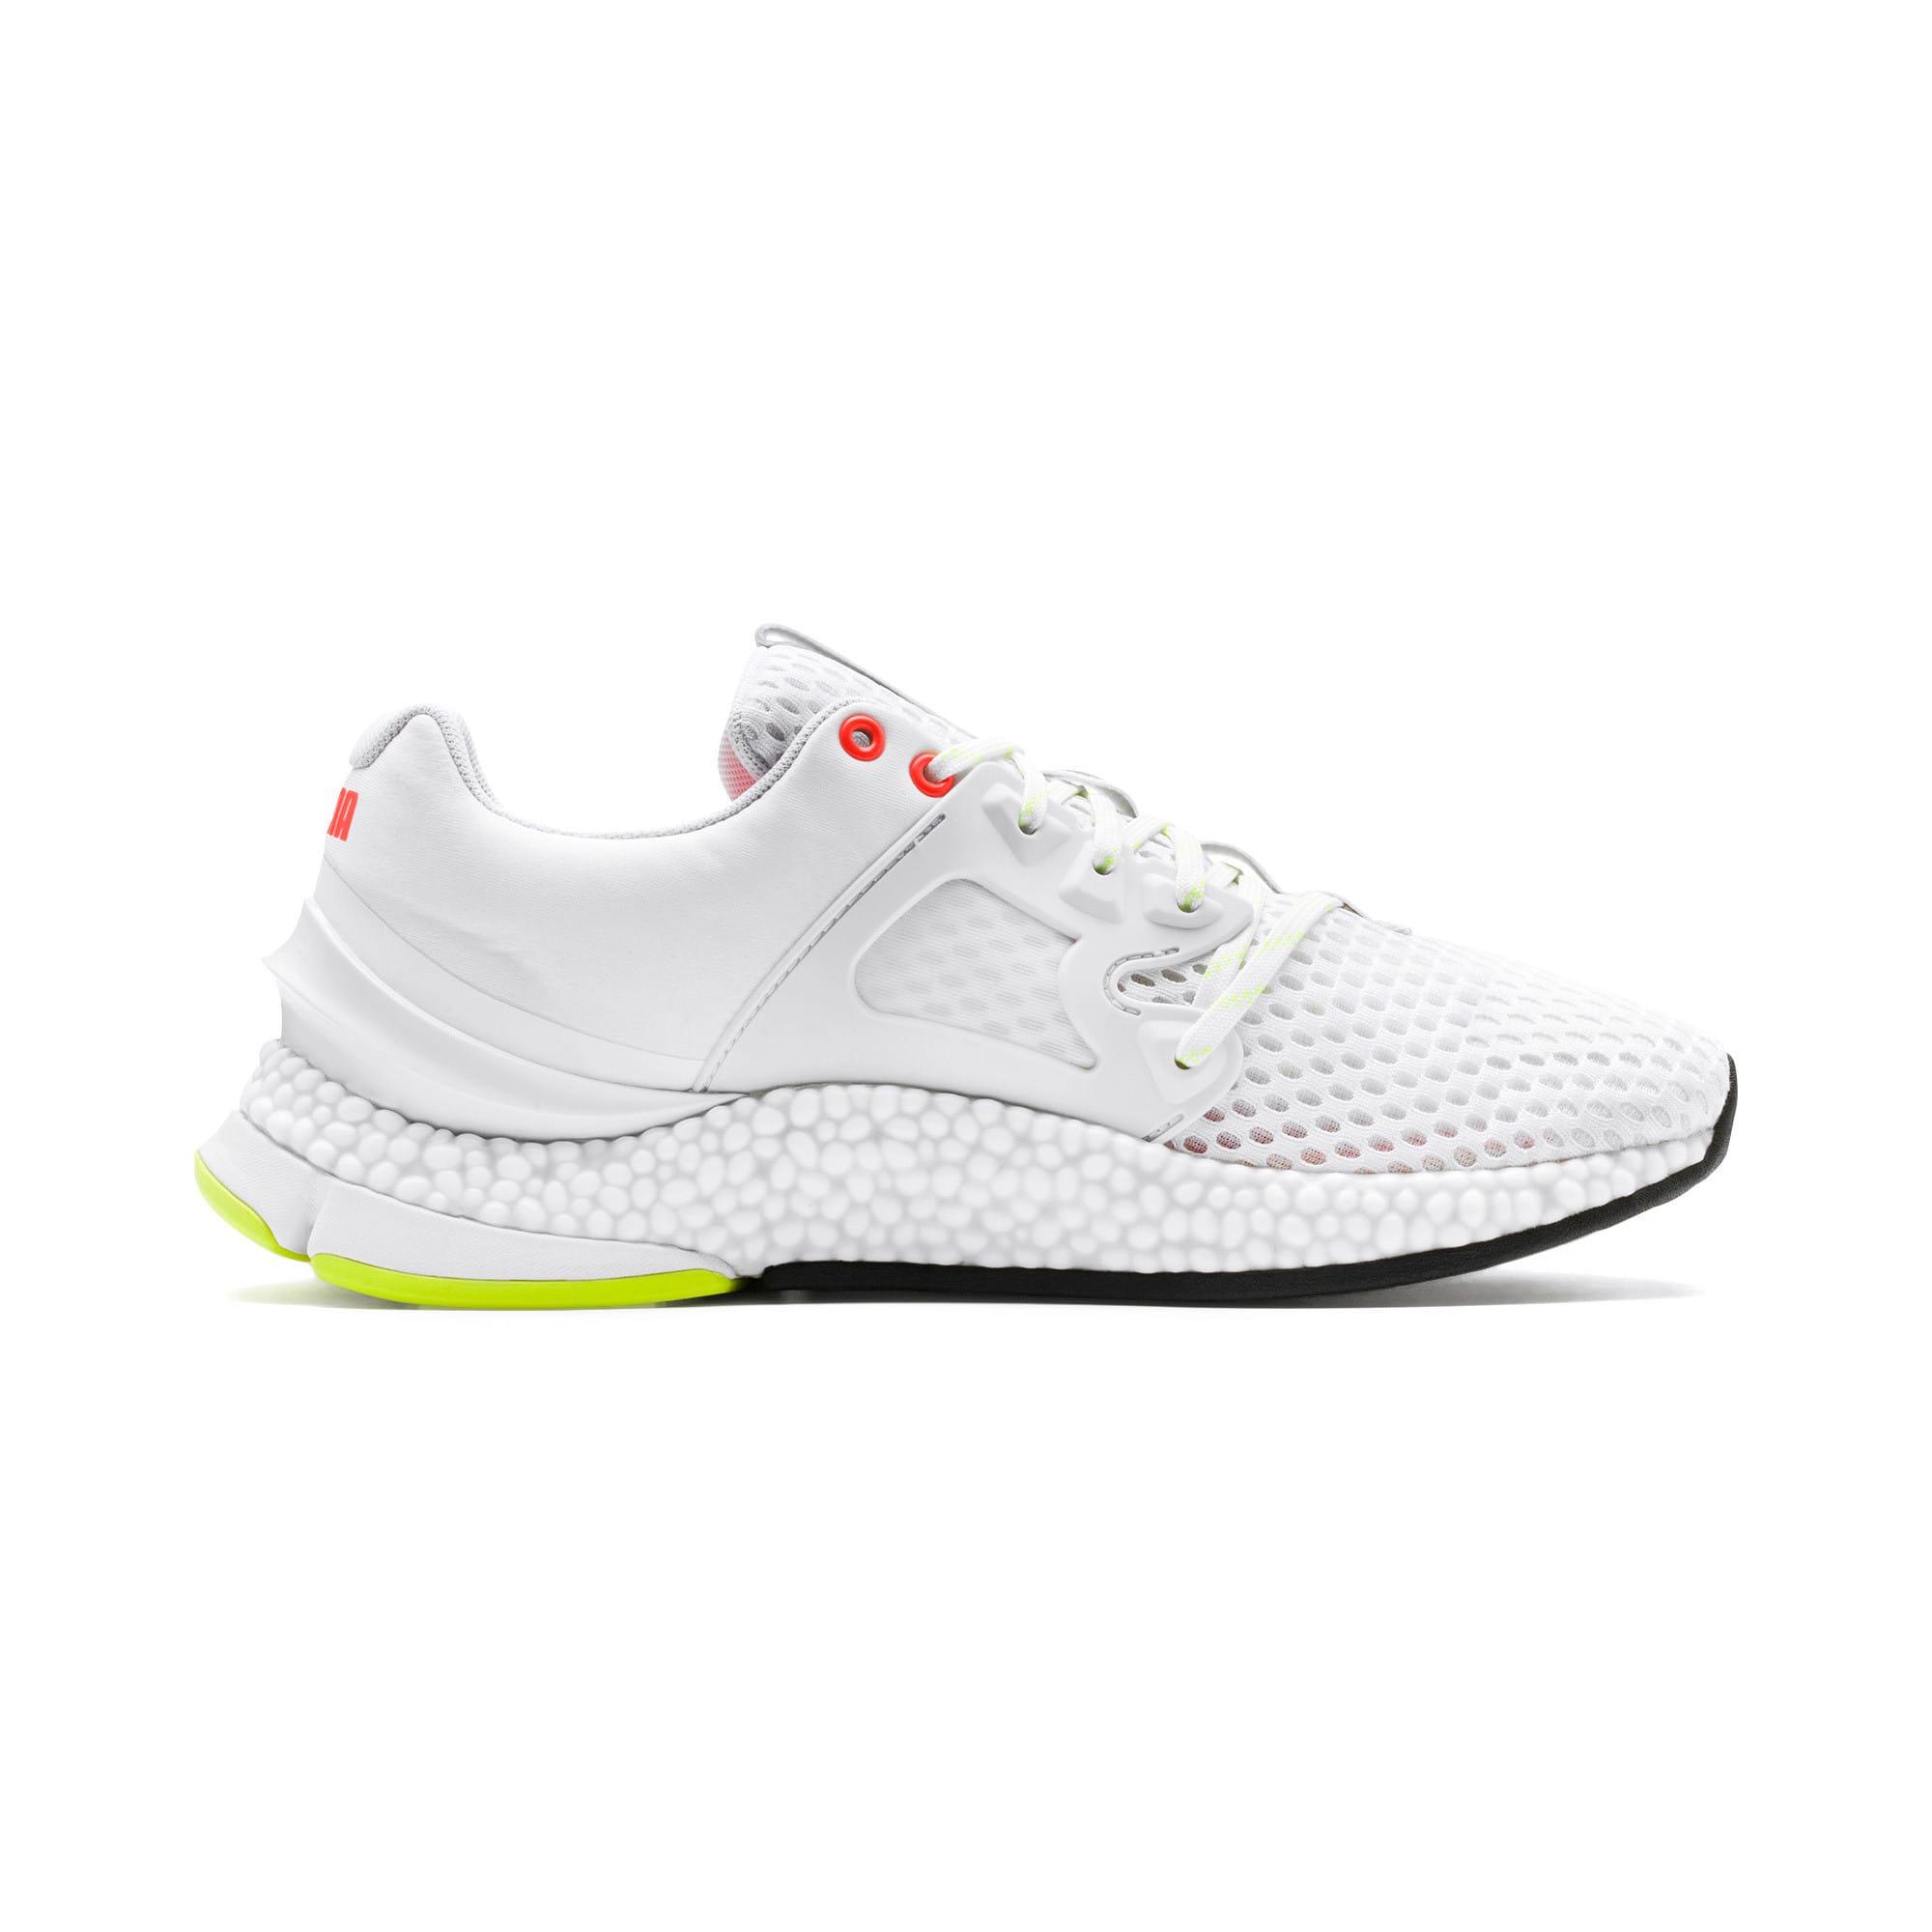 Thumbnail 6 of HYBRID Sky Men's Running Shoes, White-Black-Nrgy Red, medium